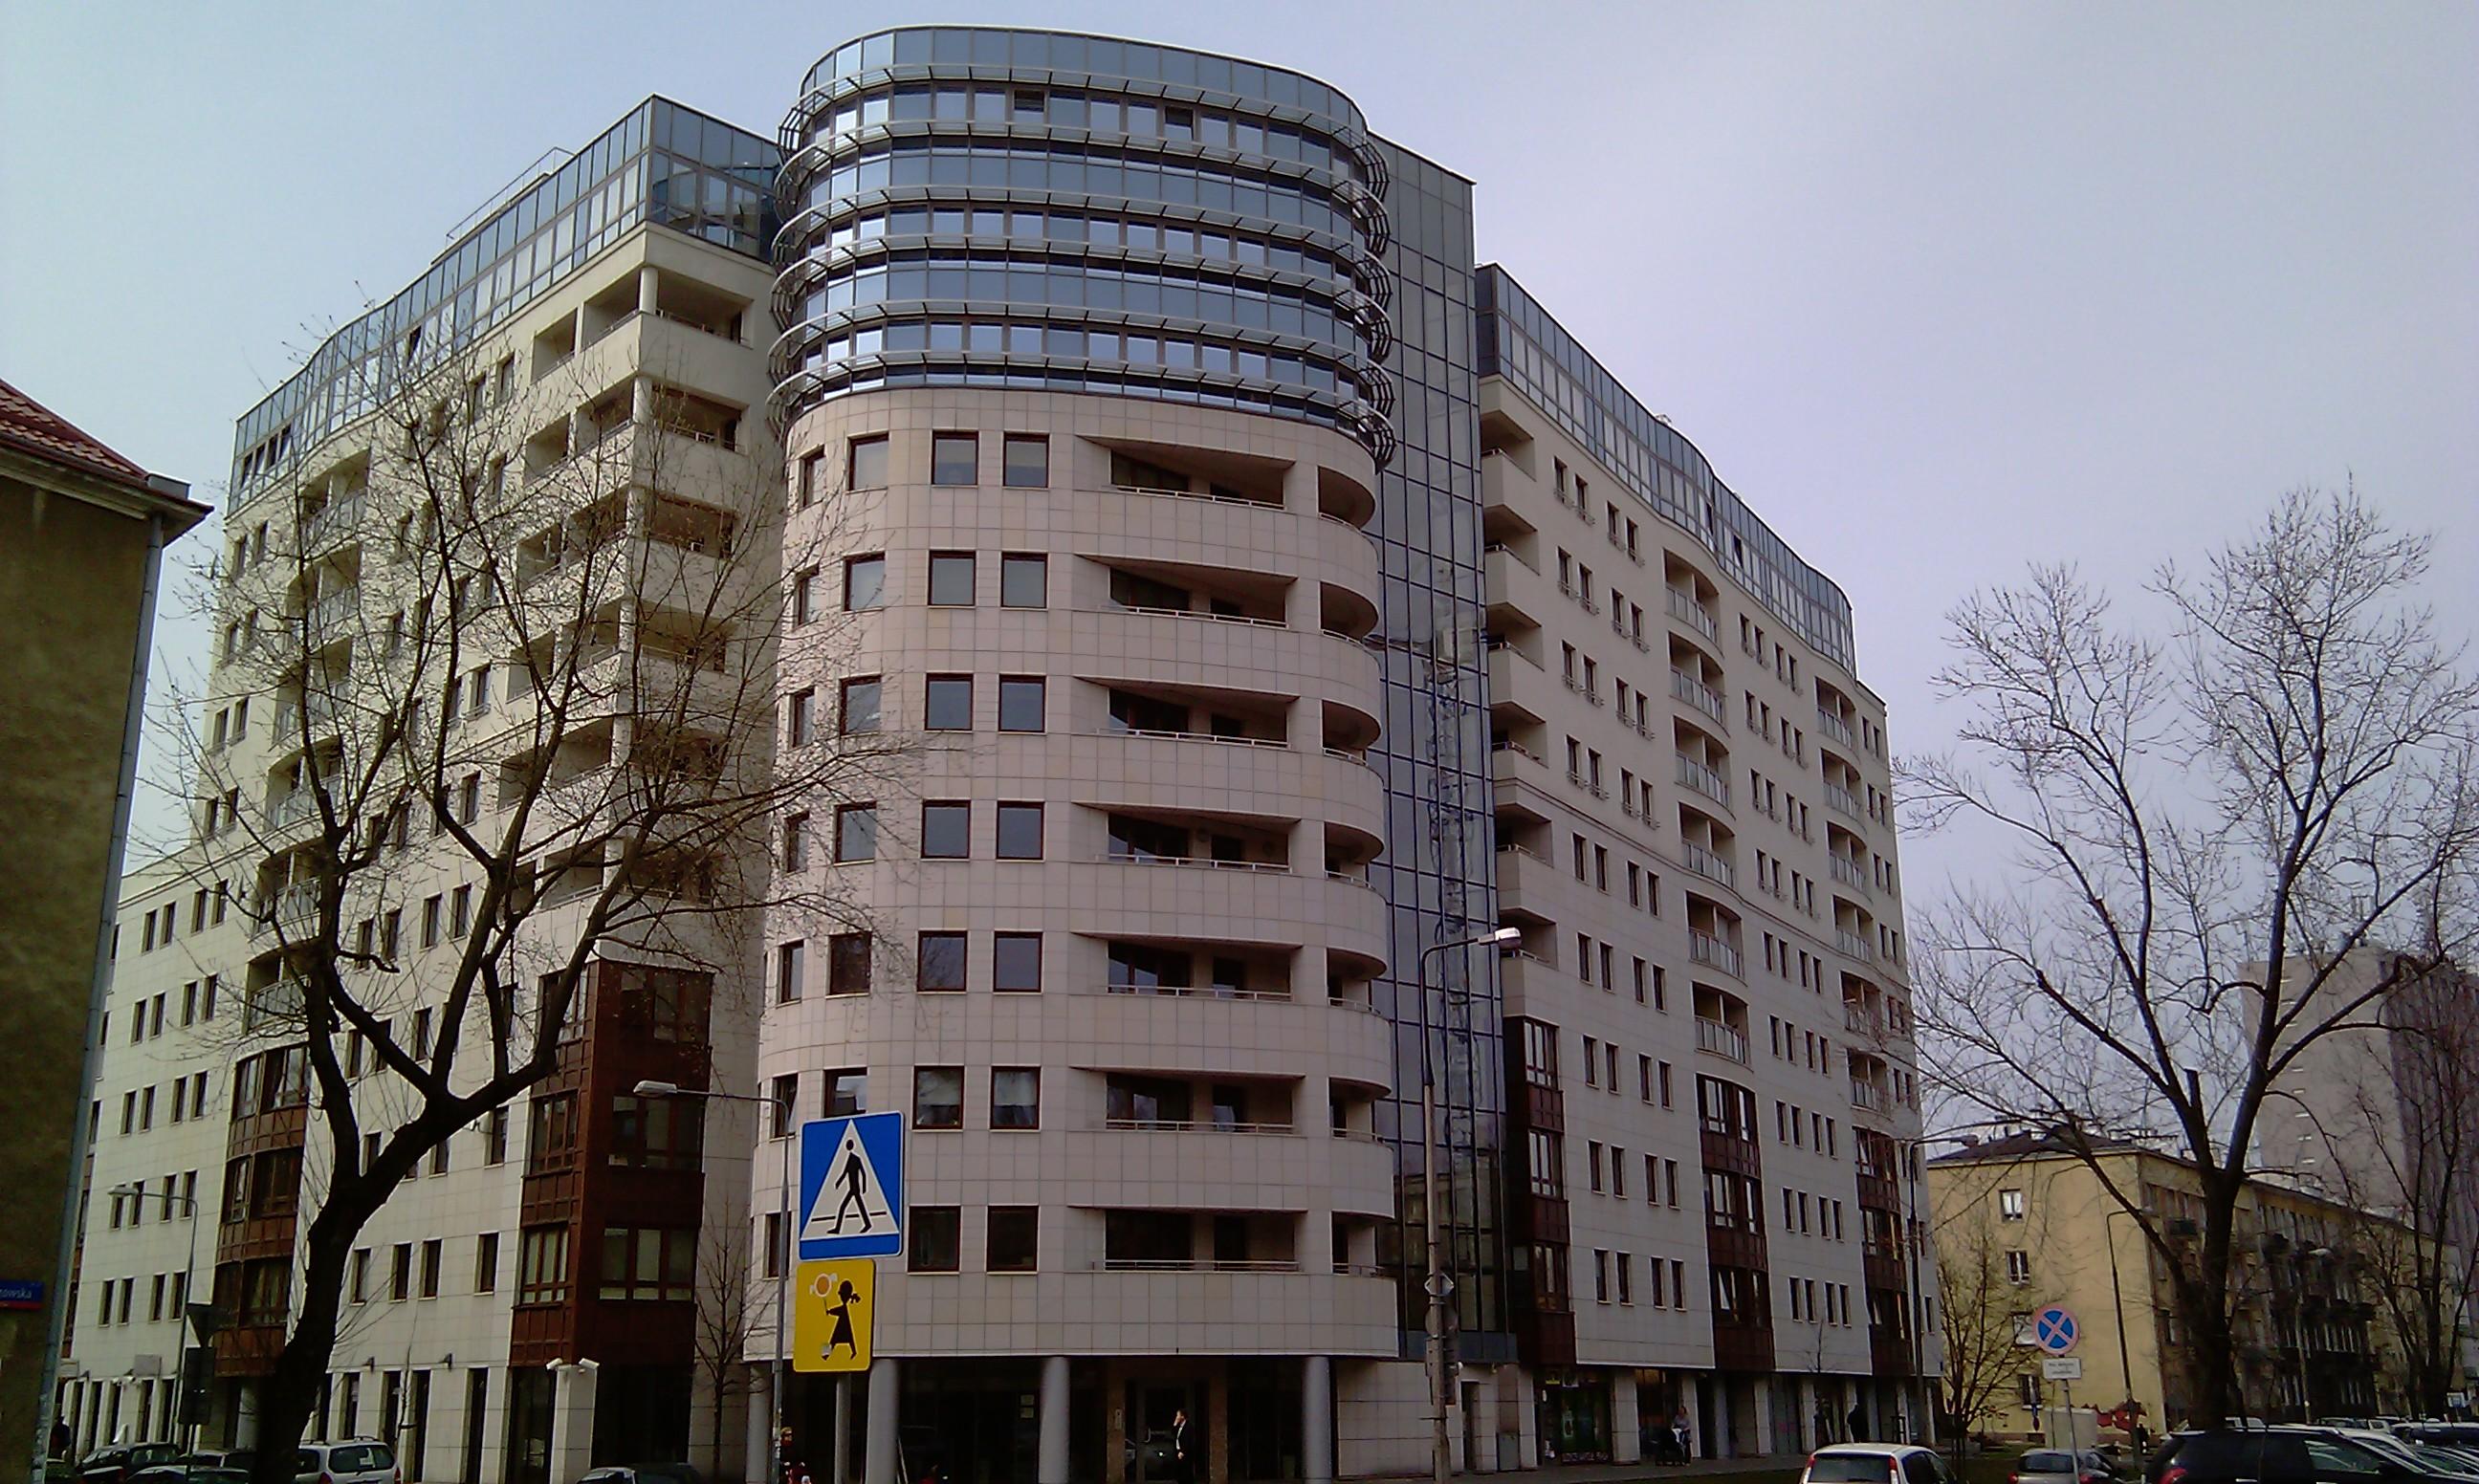 Biurowiec KAZIMIERZOWSKA RESIDENCE